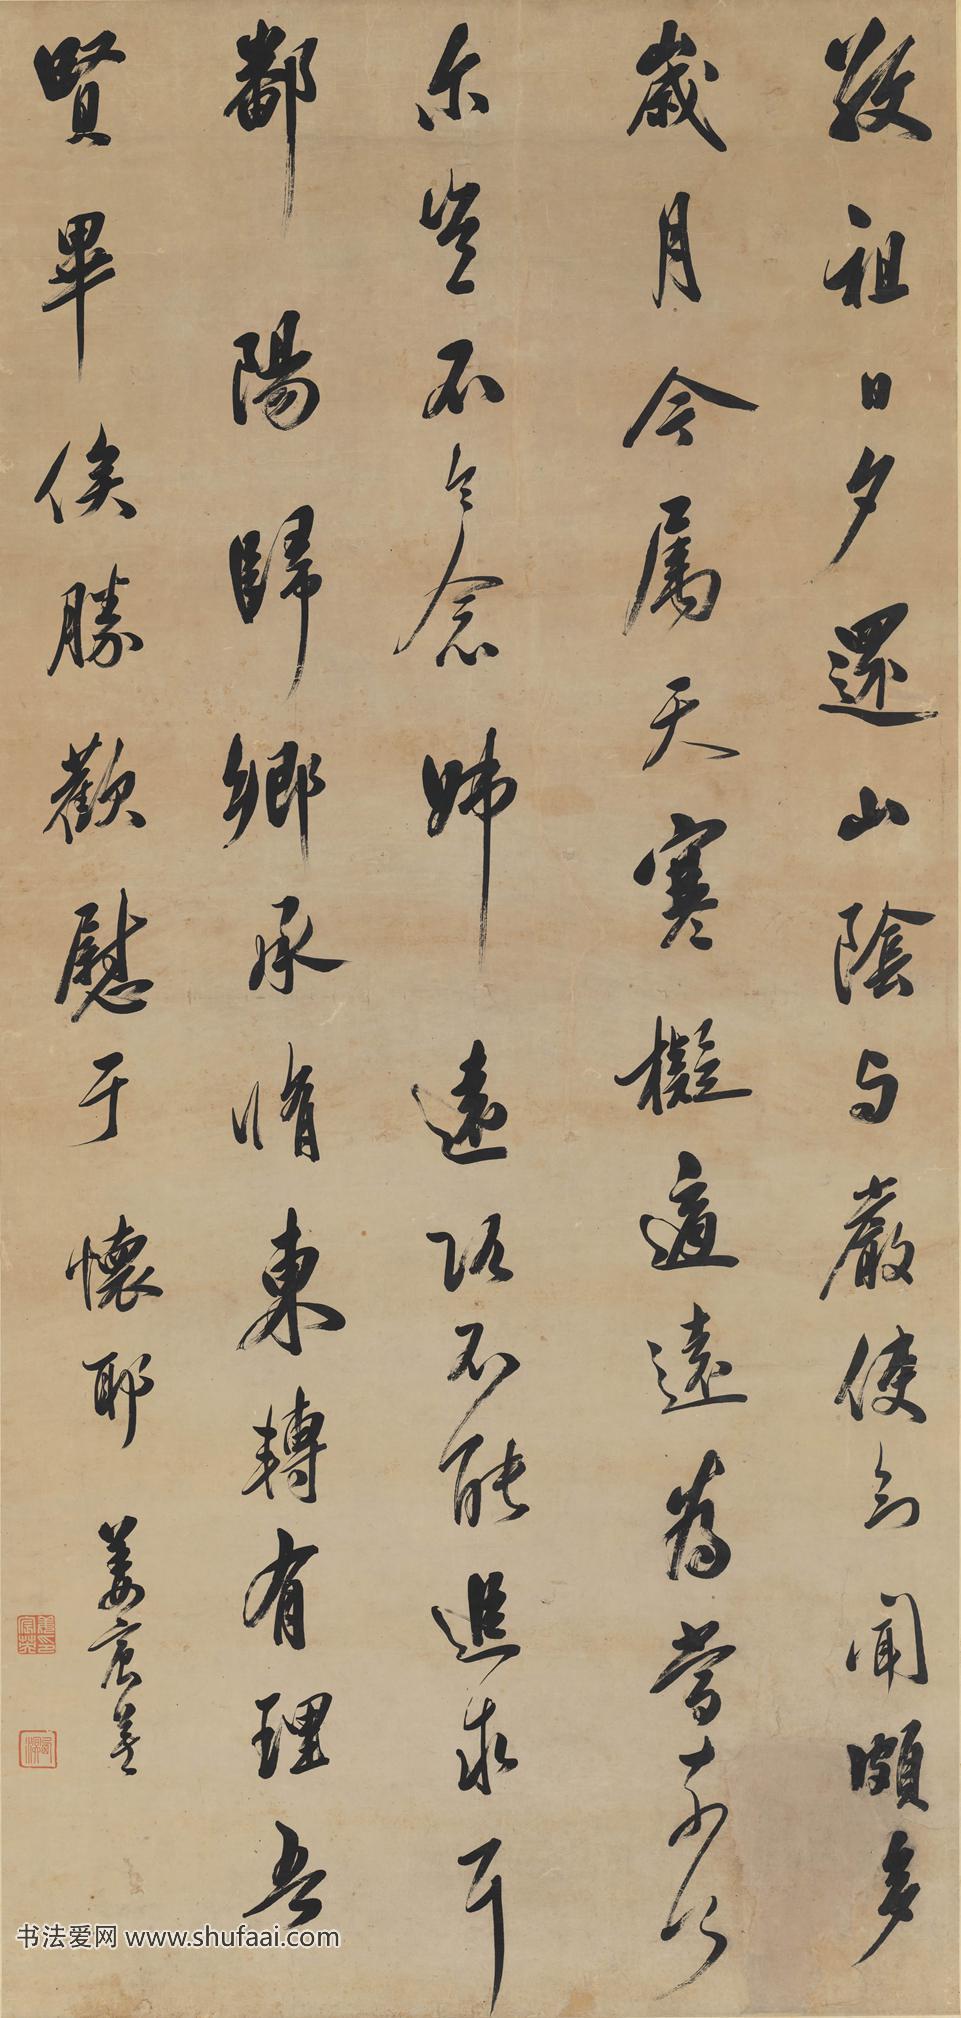 姜宸英行书作品